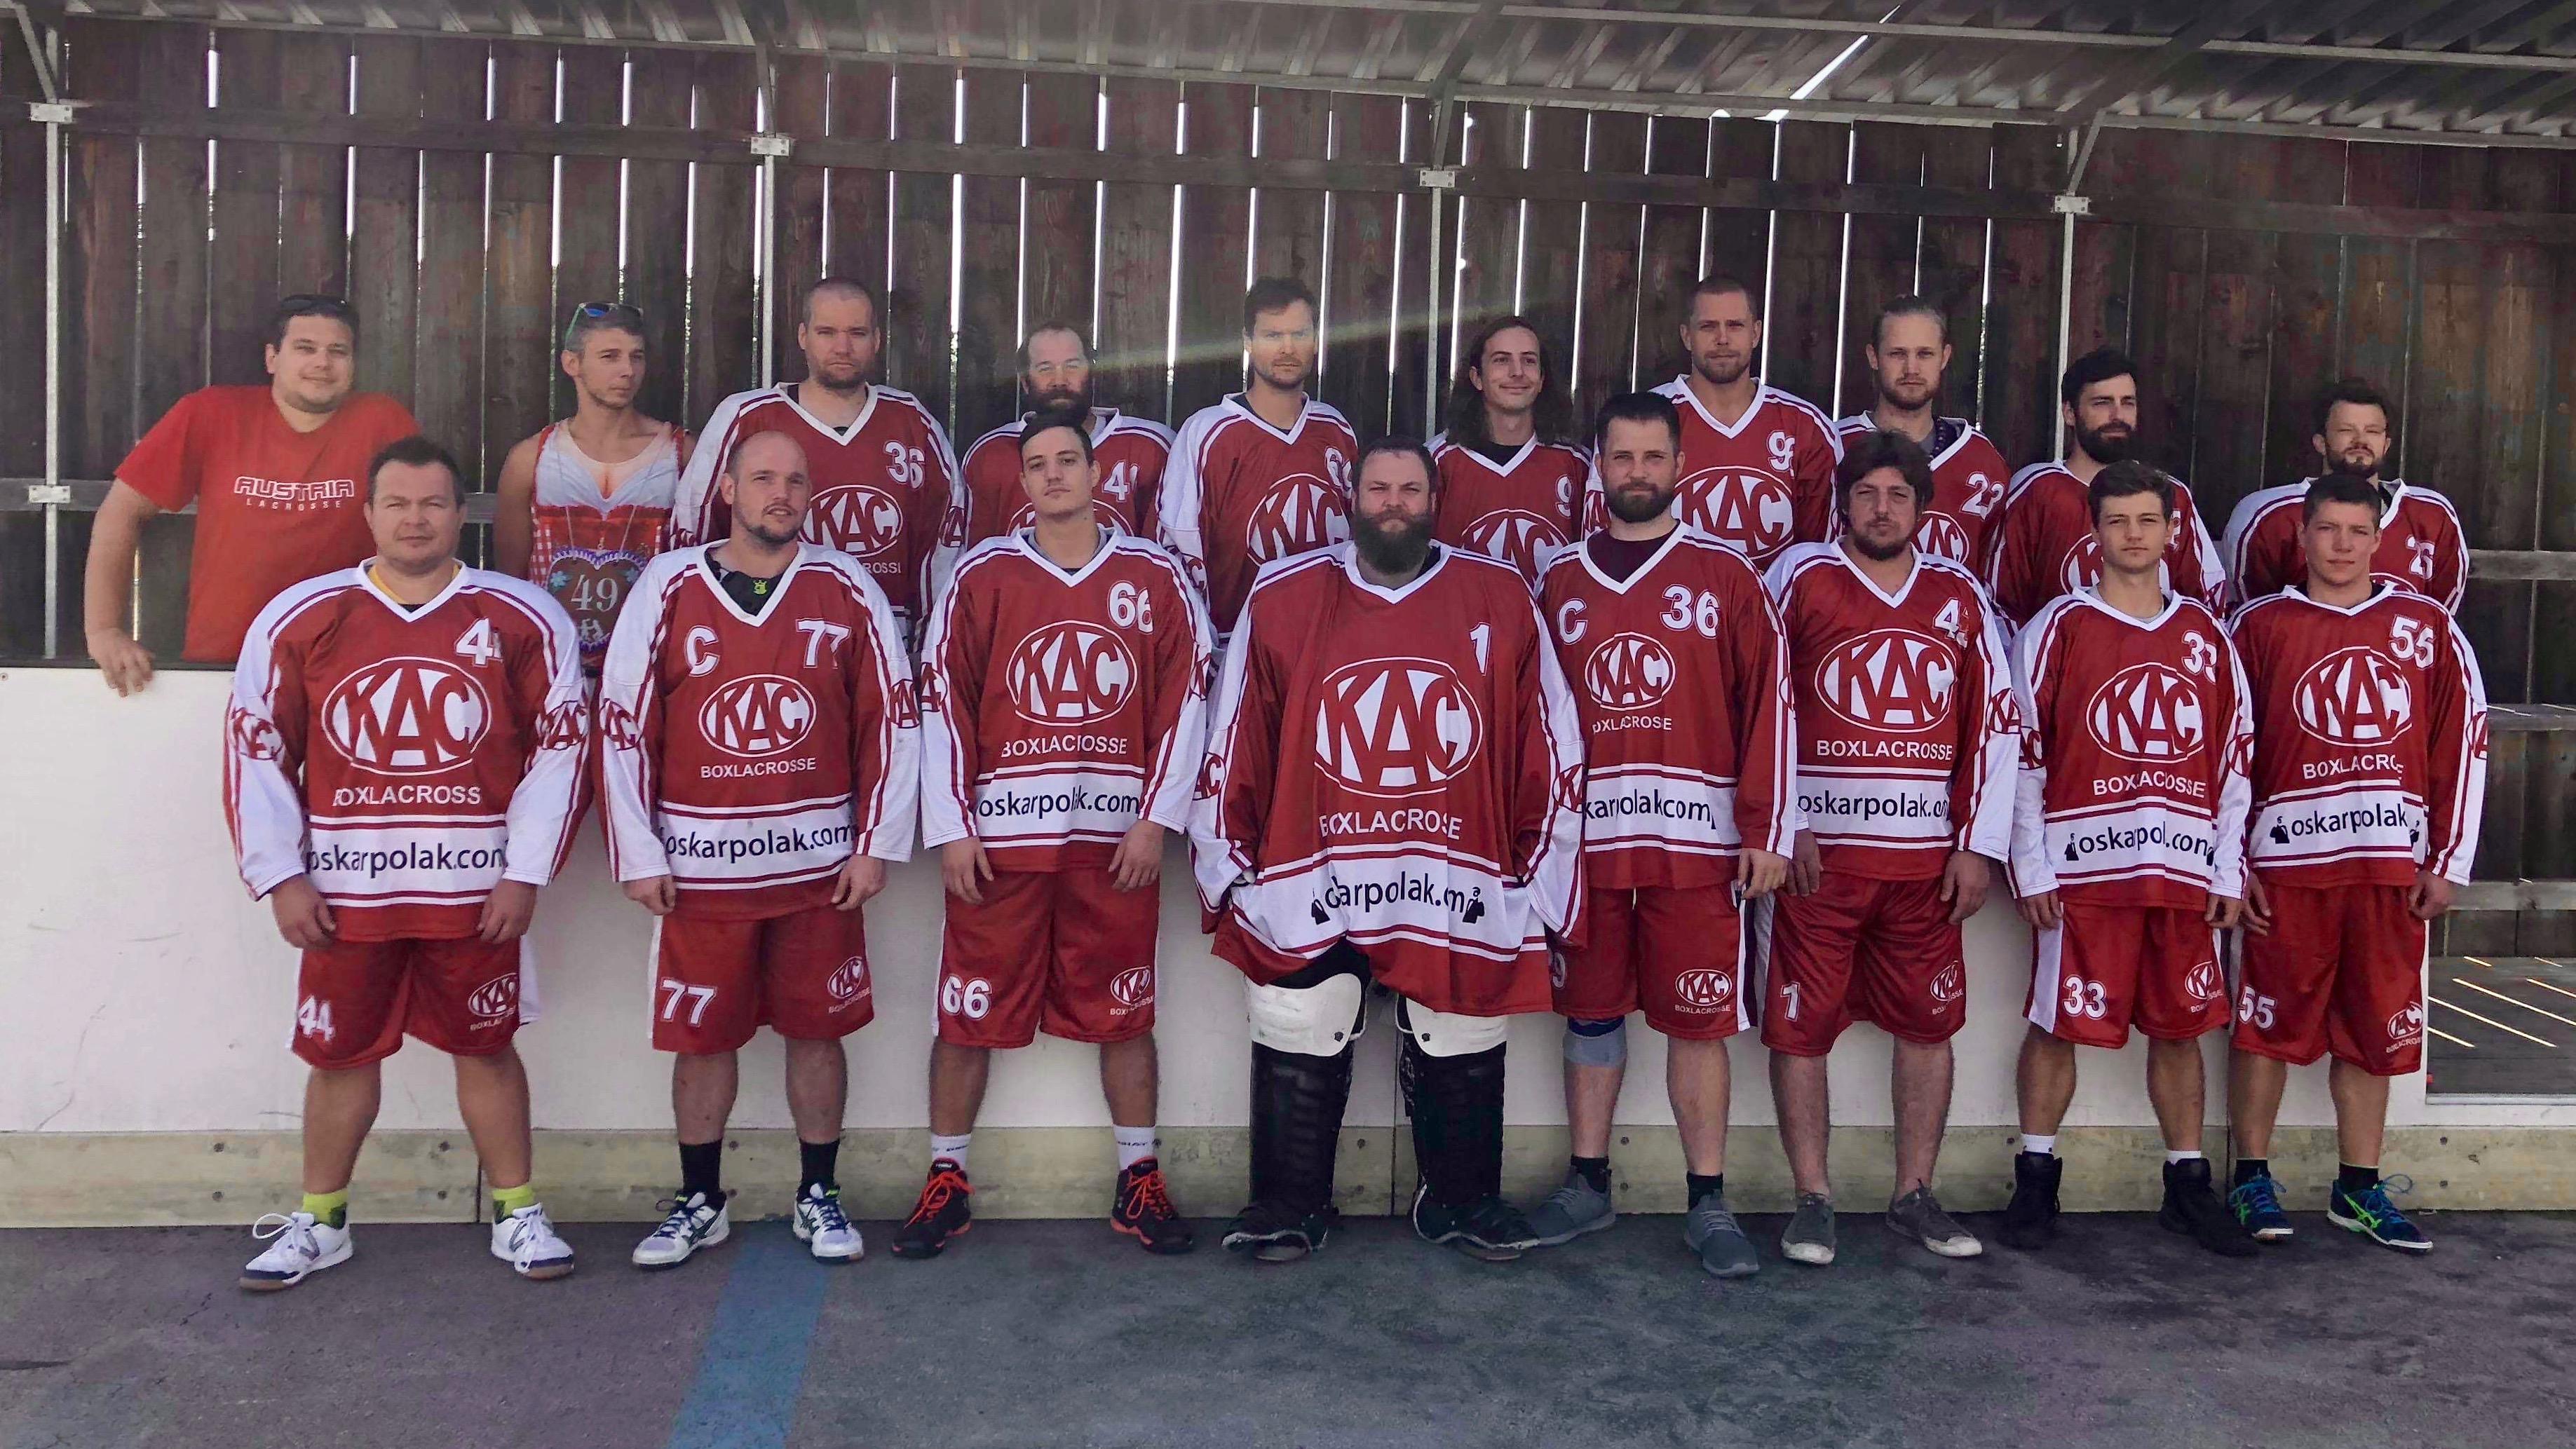 KAC Lacrosse